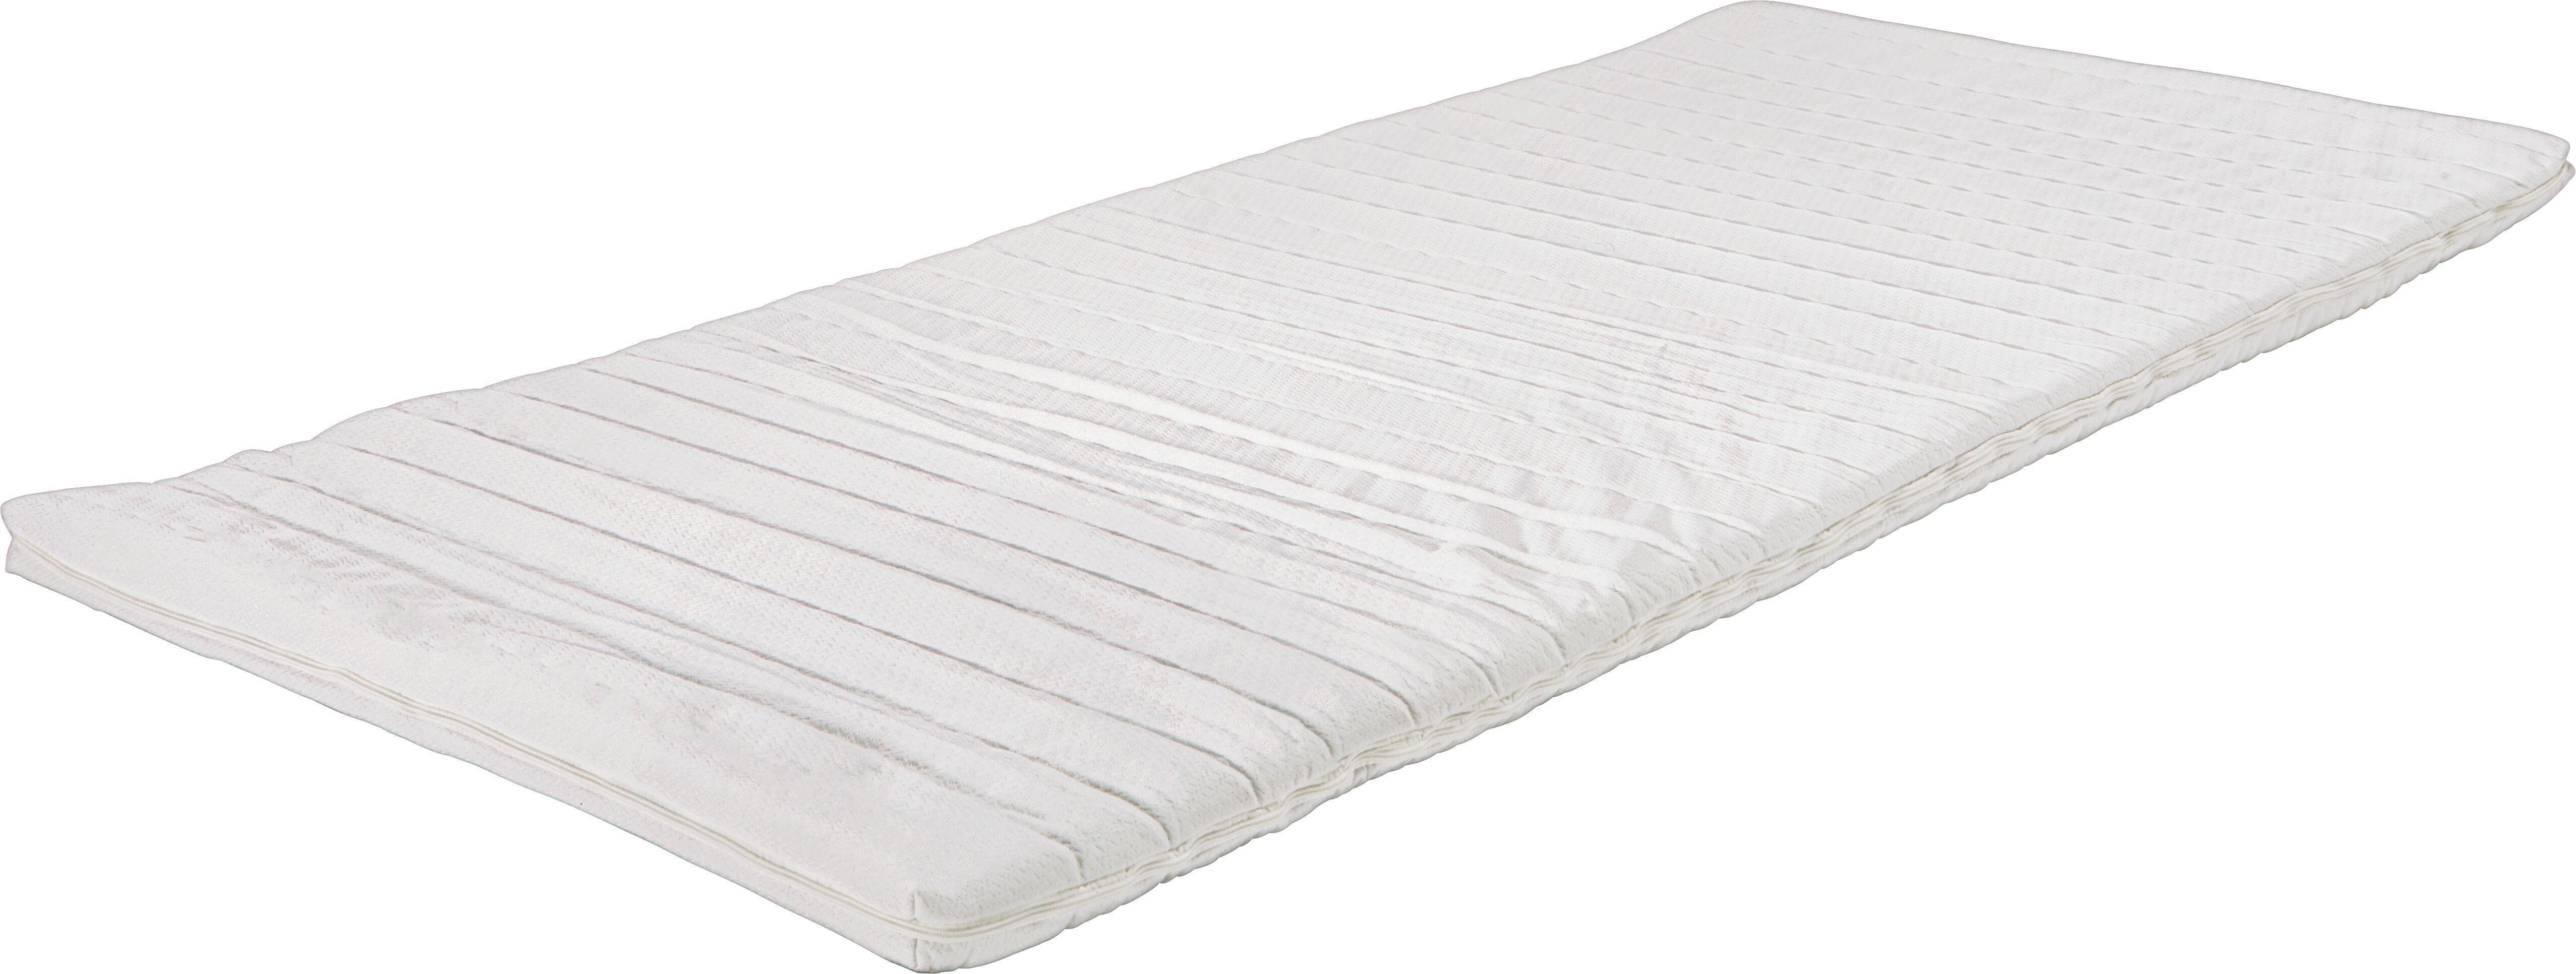 Topper Kaltschaumkern ca. 160x200cm - KONVENTIONELL, Textil (160/200cm) - NADANA